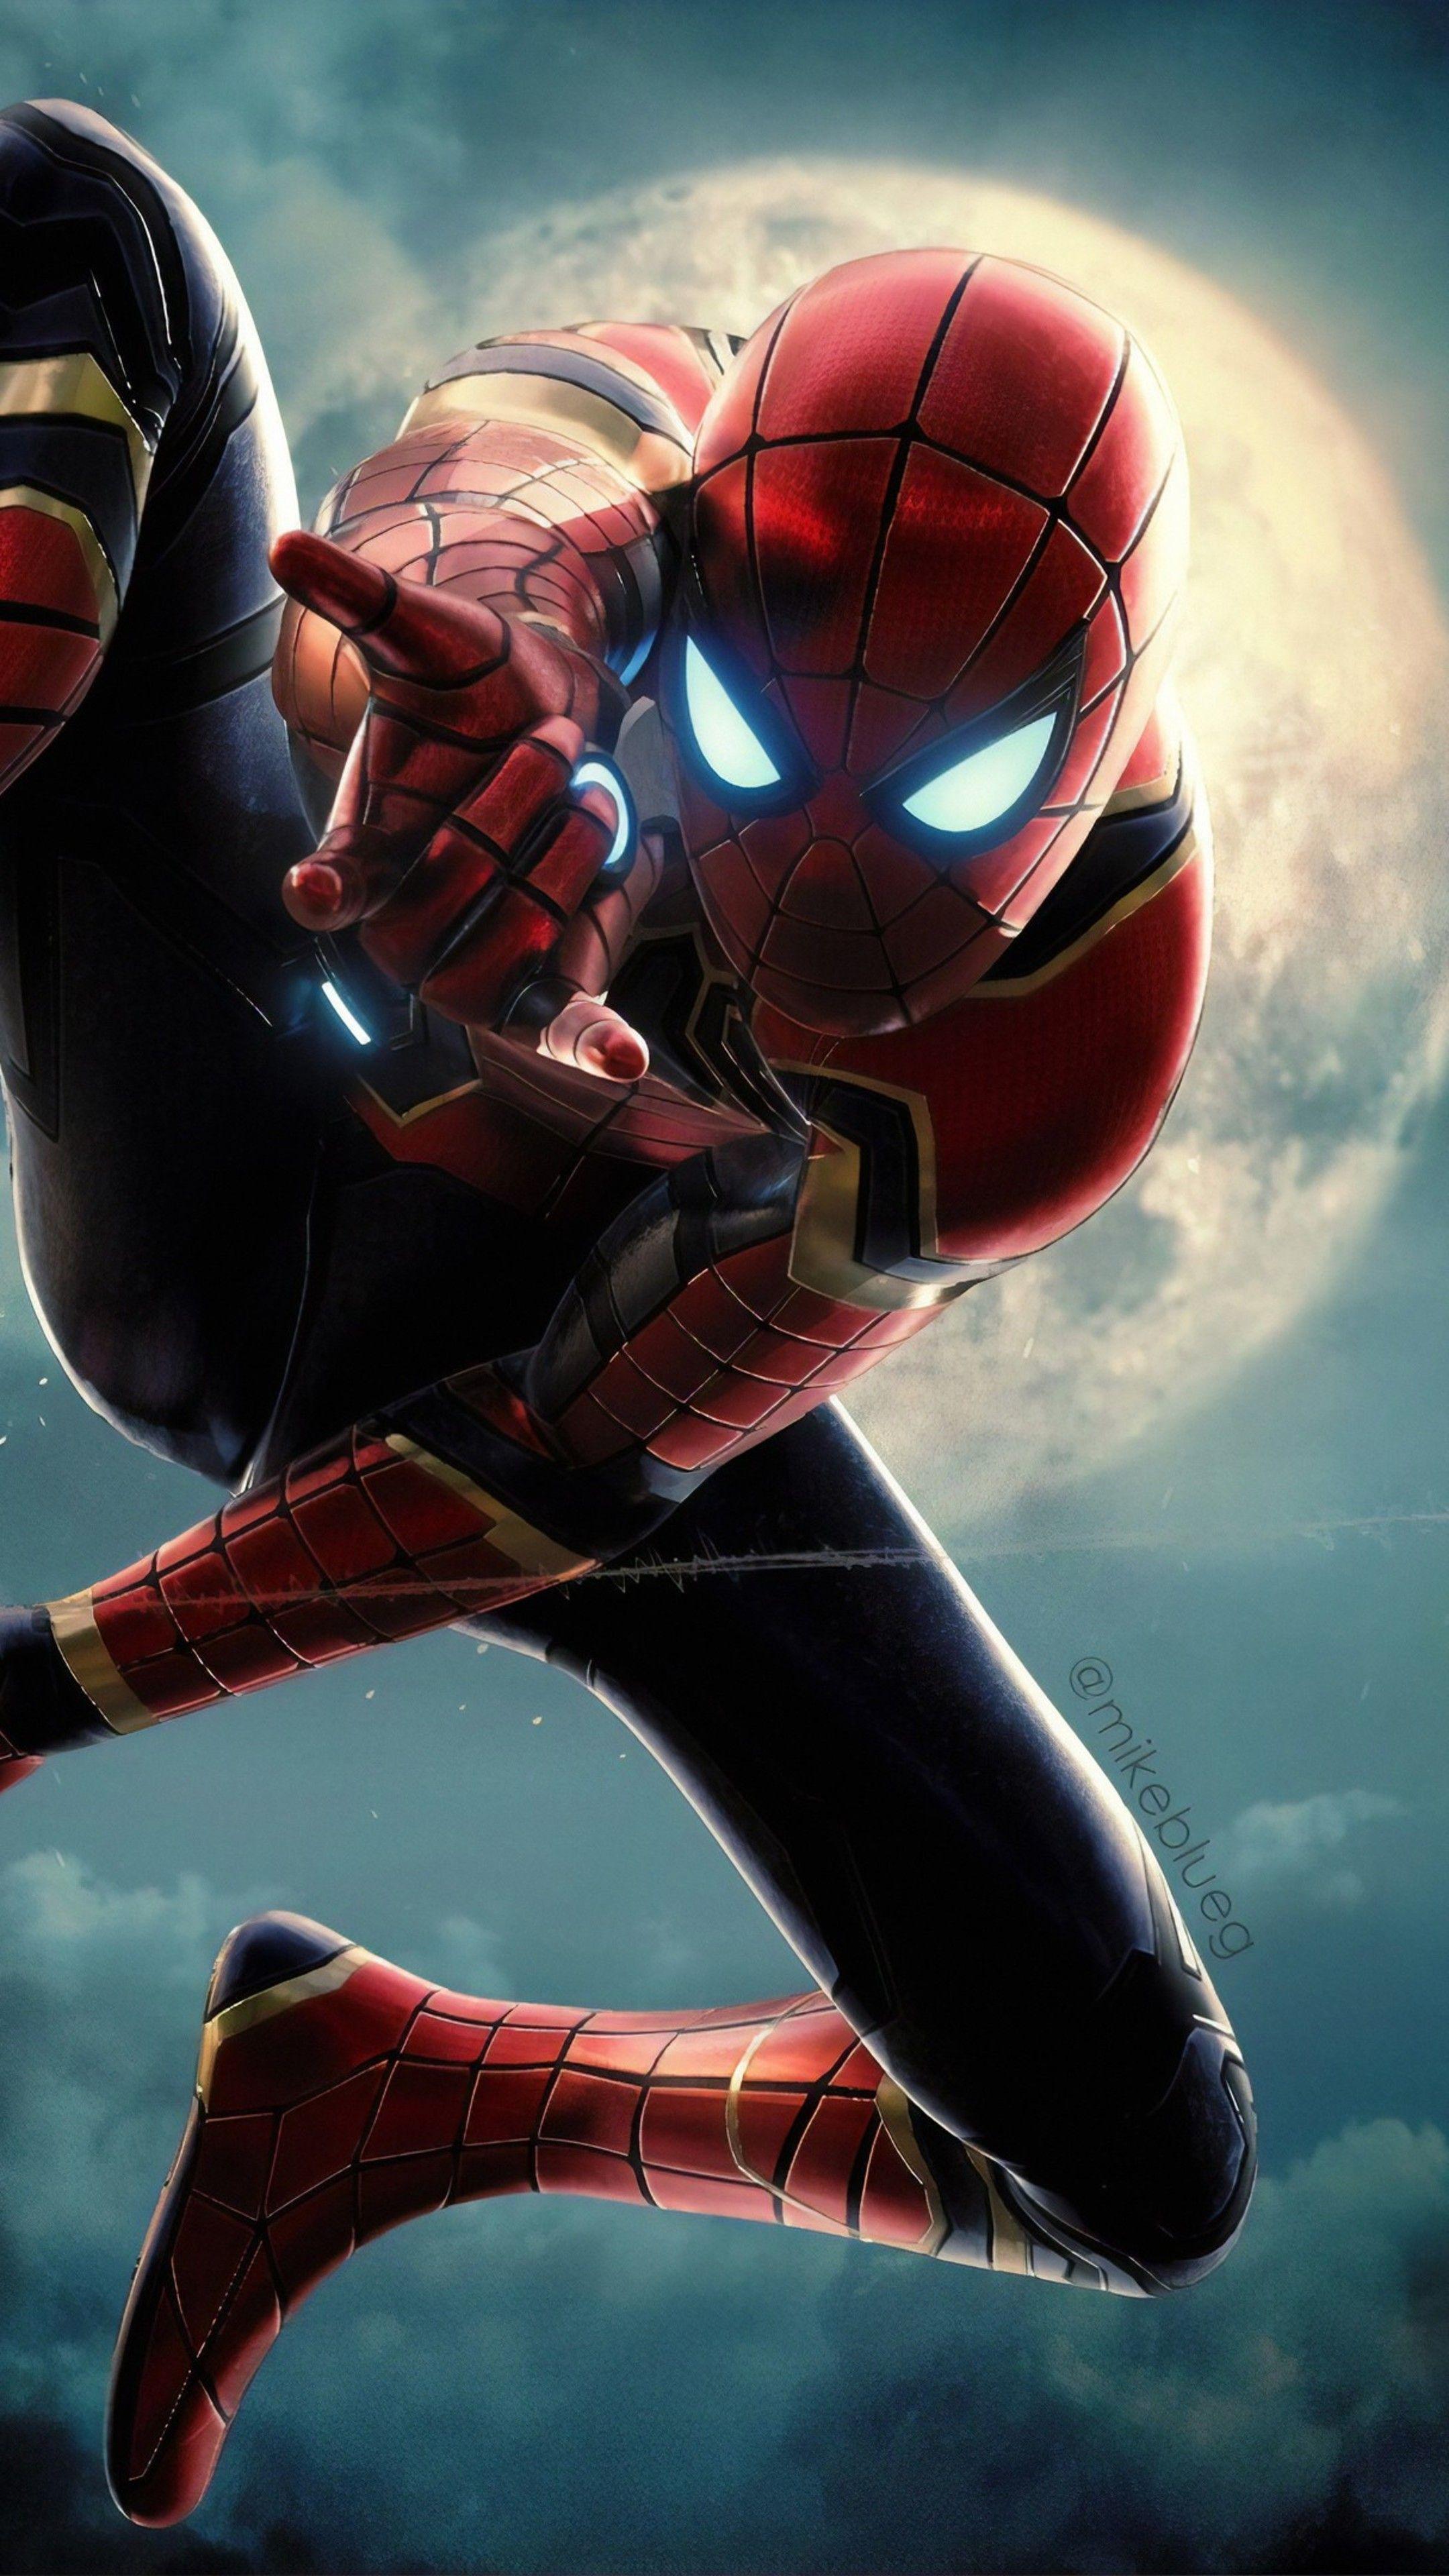 Spiderman 4k Newartwork In 2160x3840 Resolution Marvel Spiderman Art Spiderman Artwork Marvel Superheroes Art